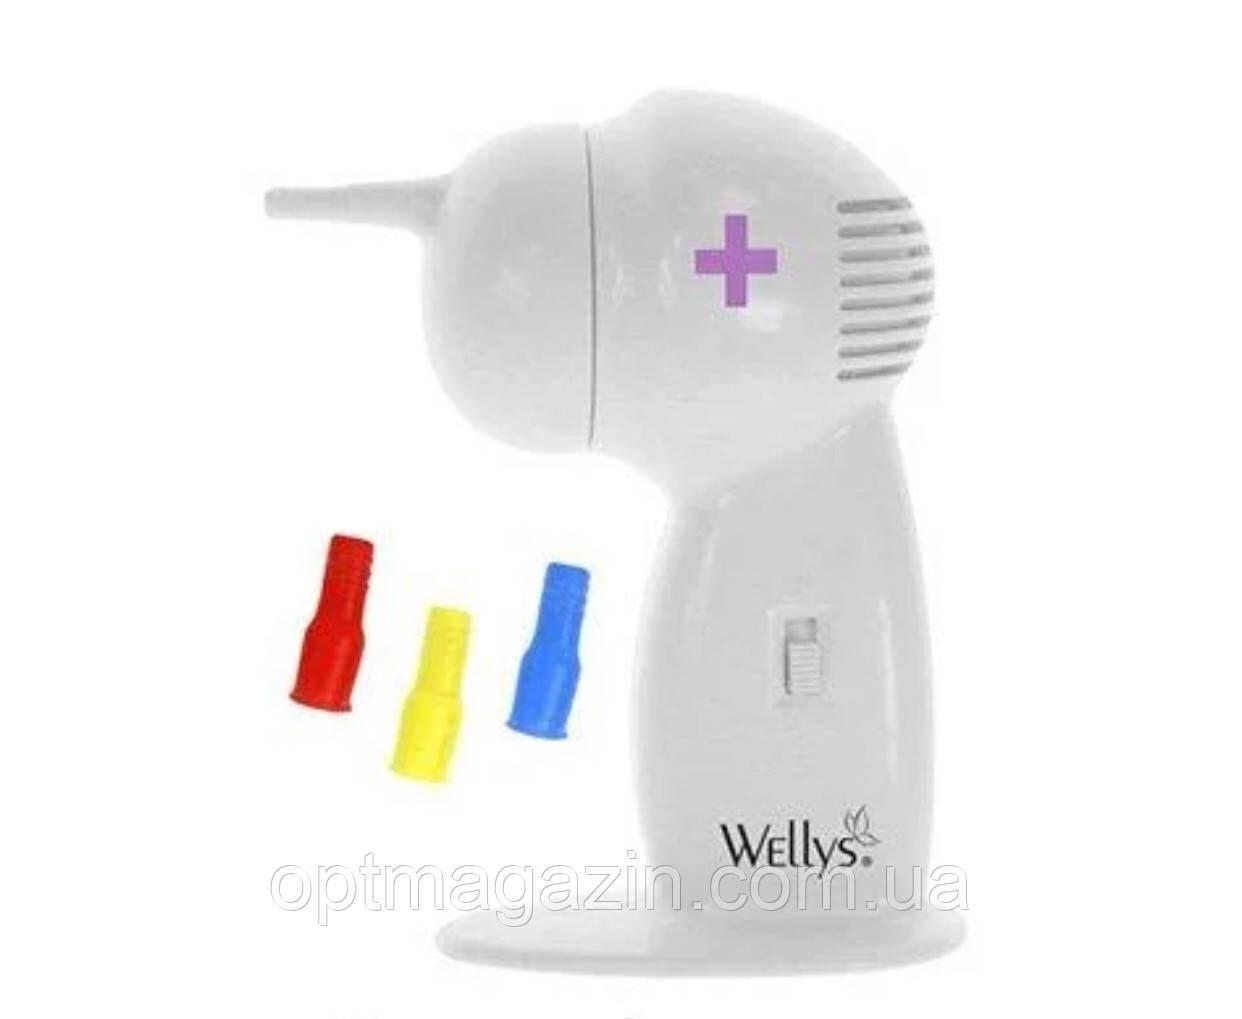 ASPIR Oreille — електричний прибиральник вуха